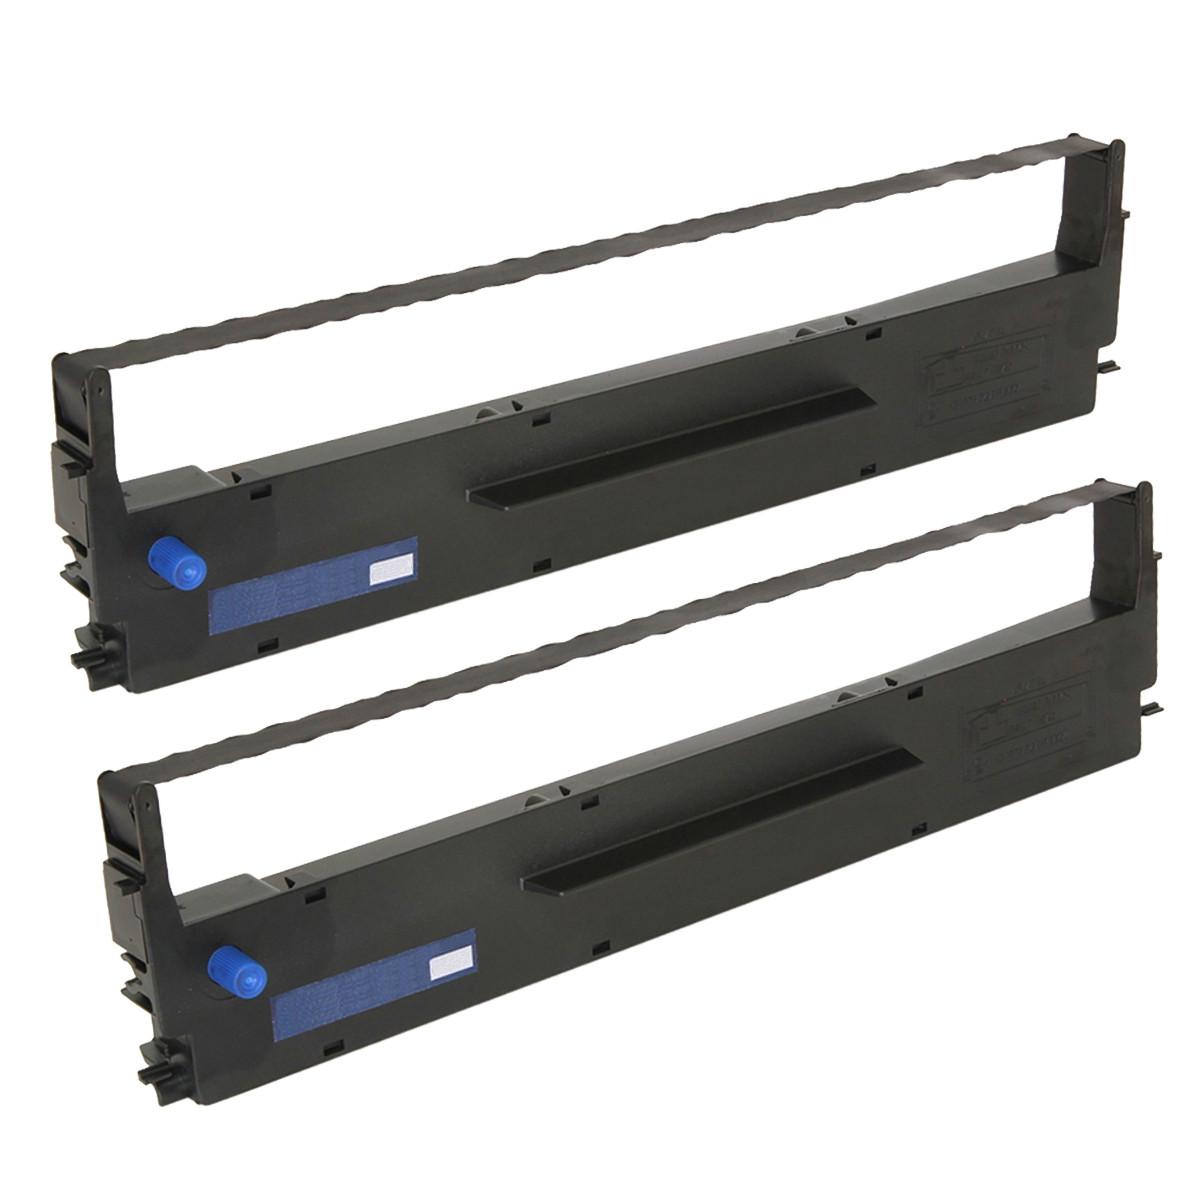 Fita para Impressora Epson Preta MX80 LX810 300 | 13mmx10m Nylon | Caixa com 2 unidades | Compatível